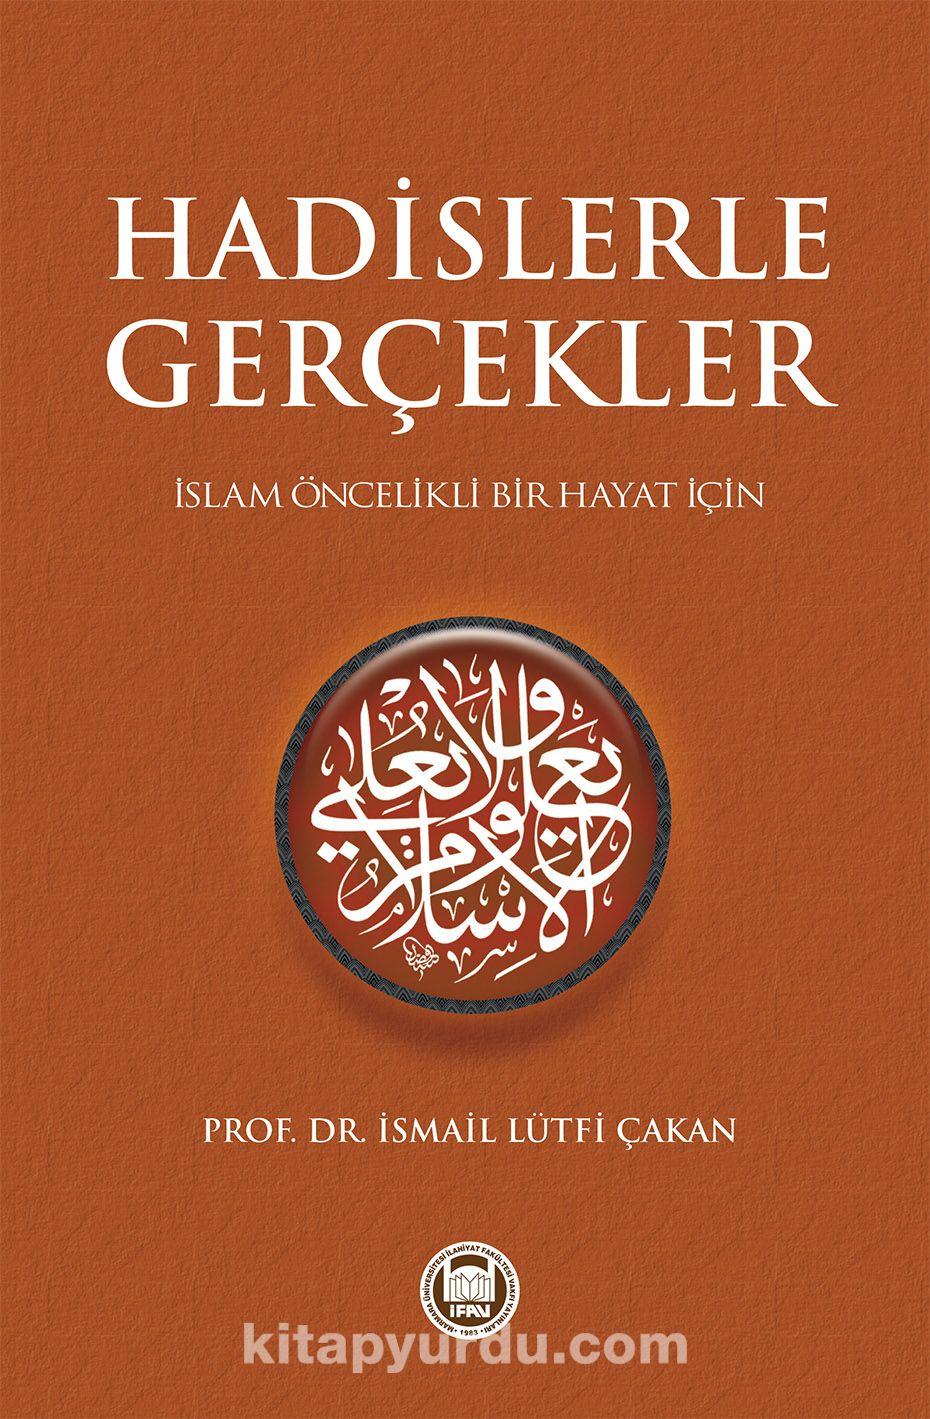 Hadislerle Gerçeklerİslam Öncelikli Bir Hayat İçin - Prof. Dr. İsmail Lütfi Çakan pdf epub